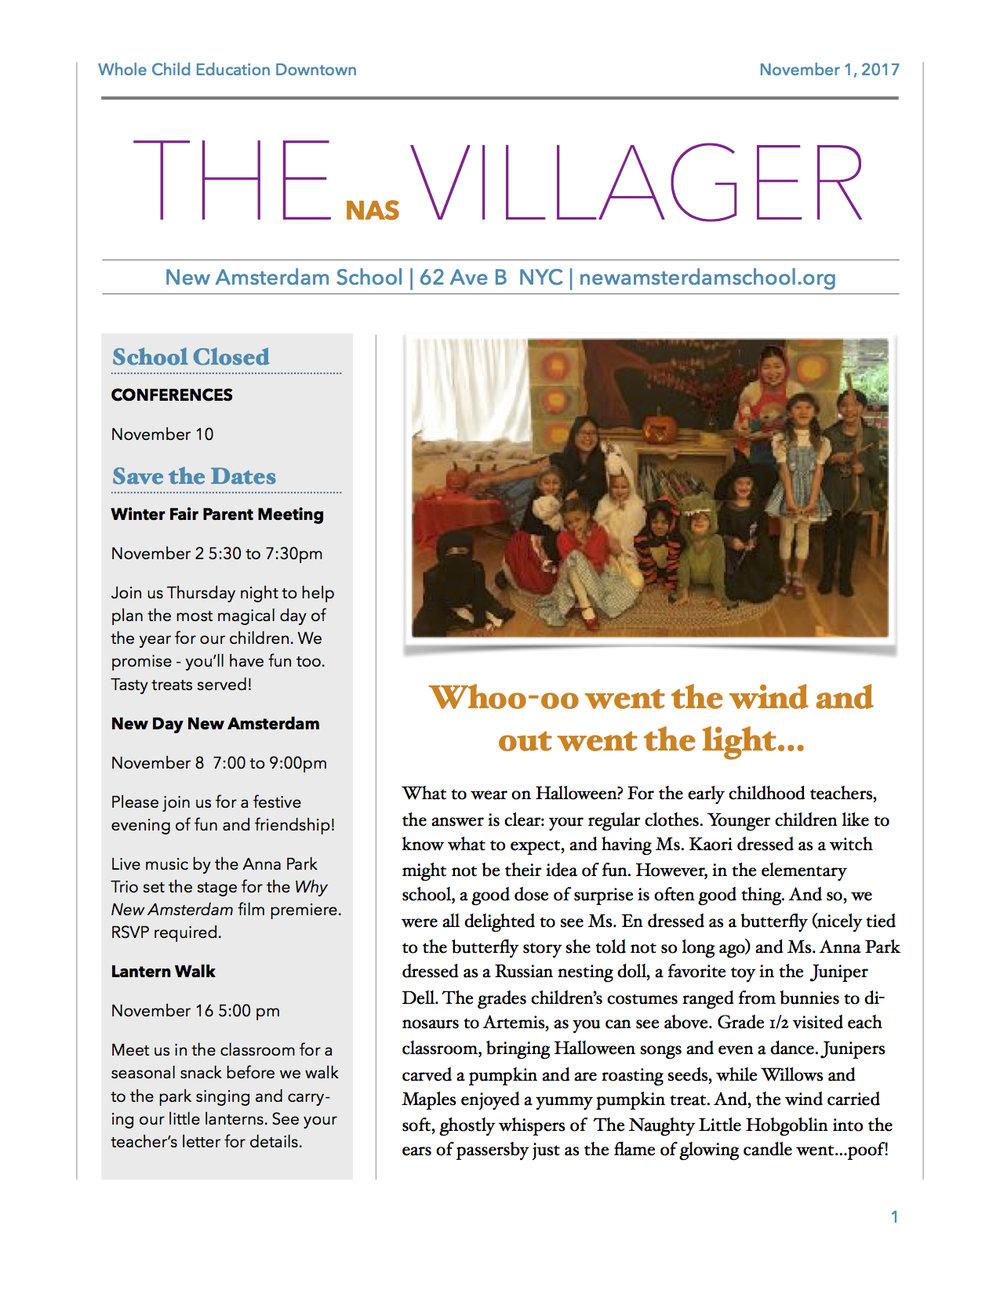 villager-11_1_17-FINAL.jpg